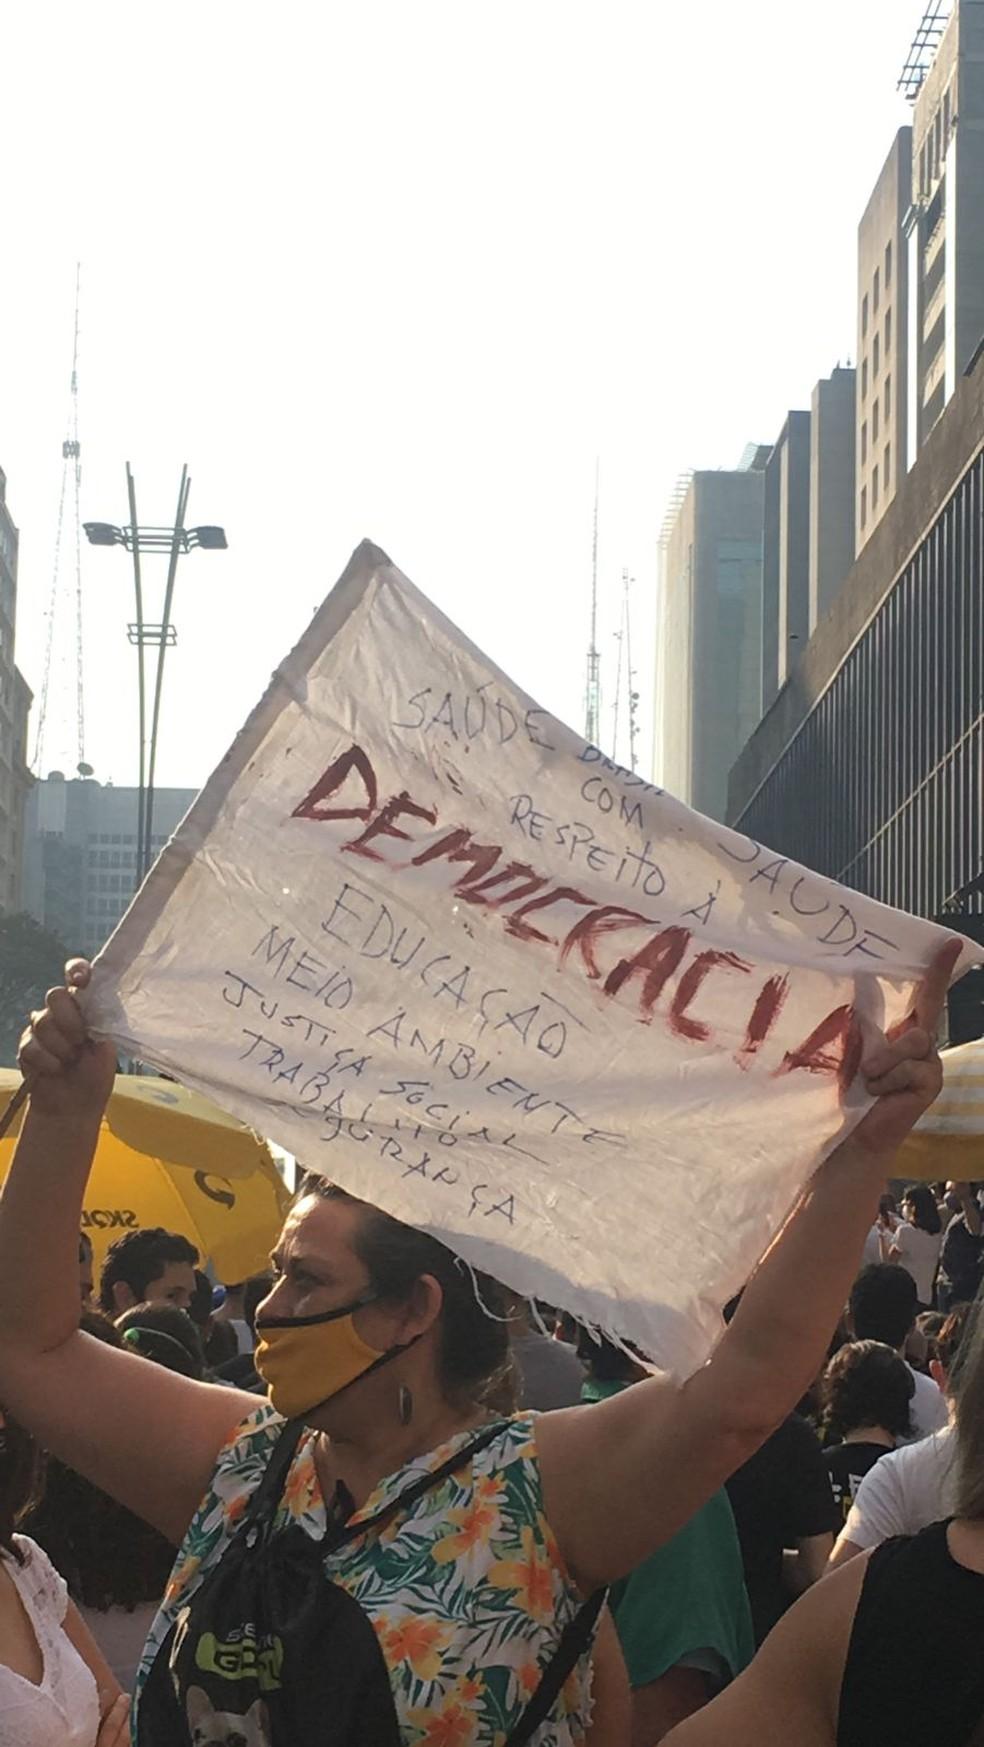 Faixa pede respeito à democracia — Foto: Deslange Paiva/G1